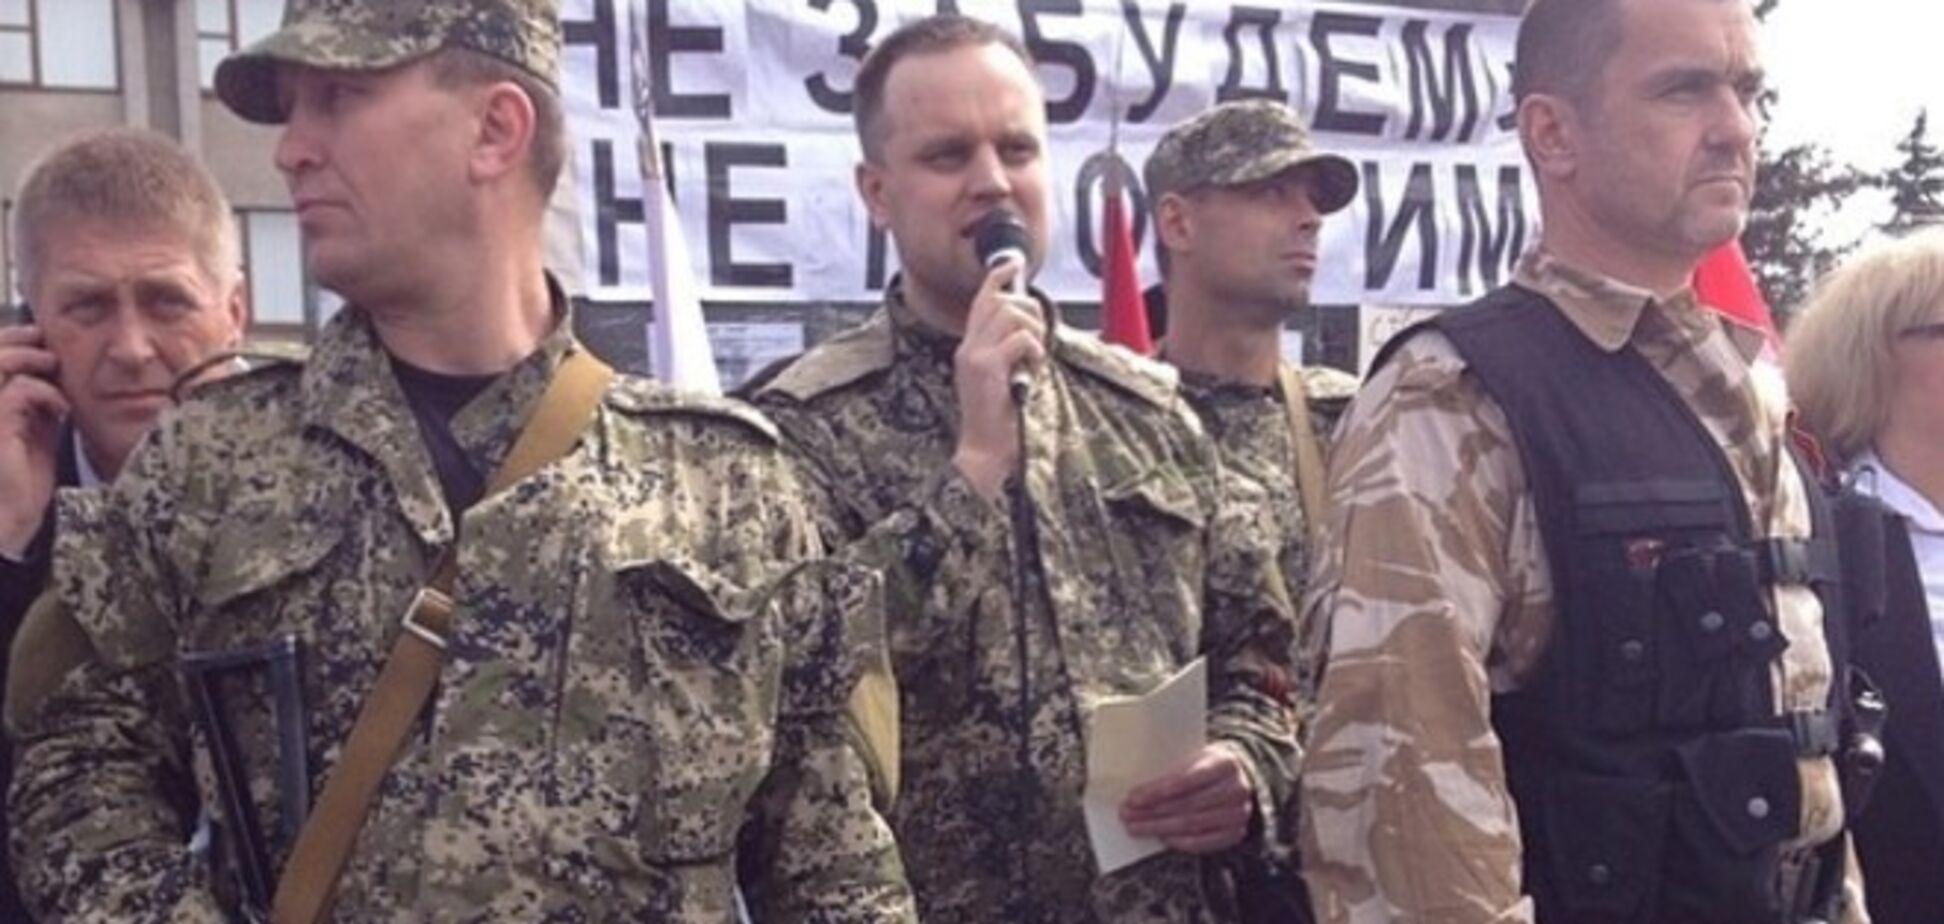 Главный донецкий террорист Губарев заикнулся о переговорах с Порошенко на своих условиях